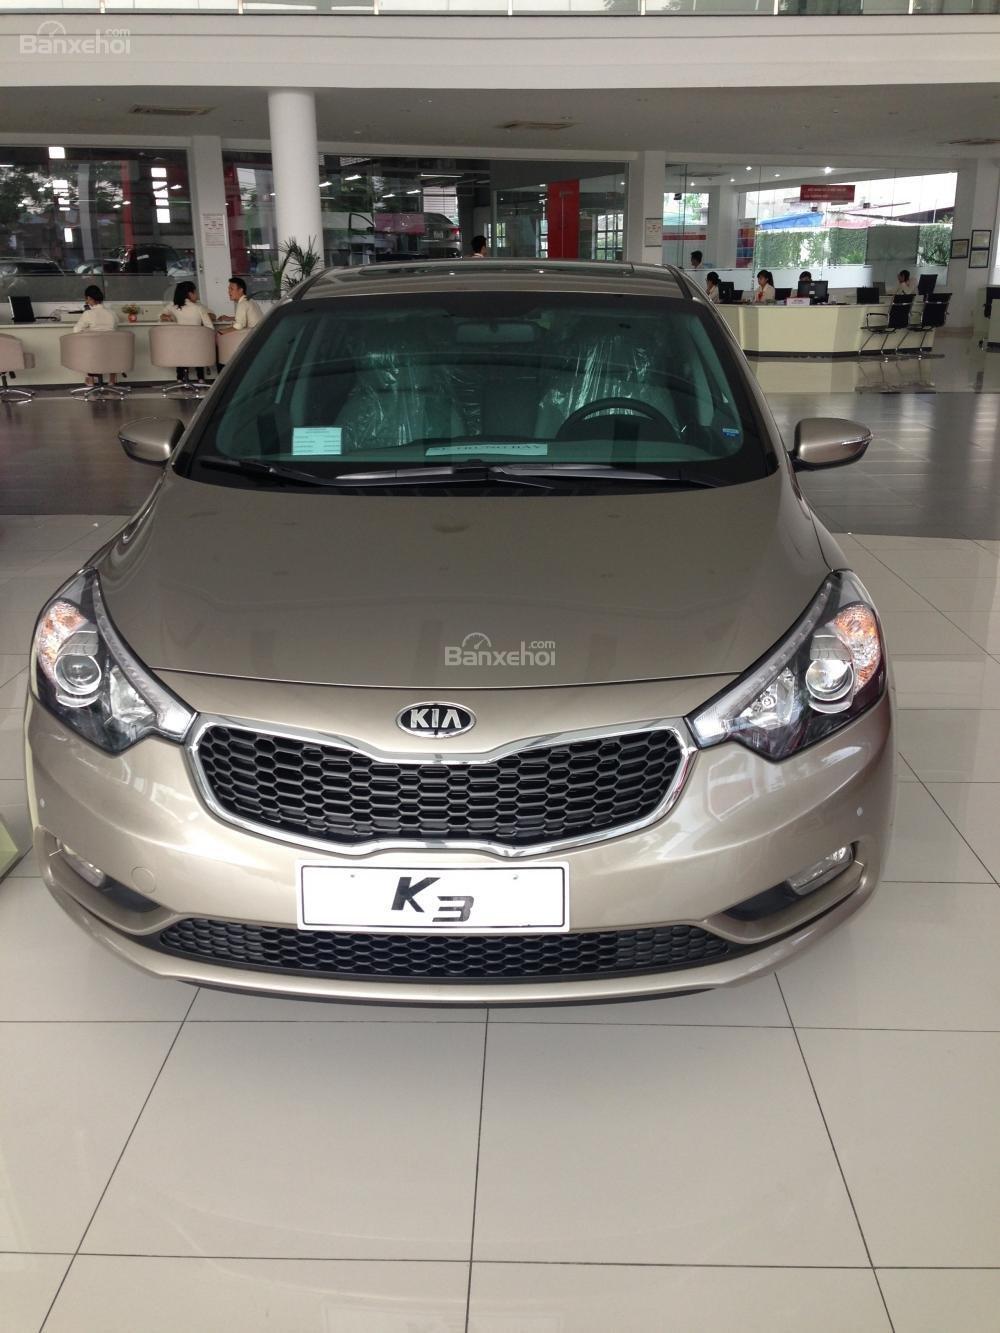 Bán Kia K3 1.6 đời 2015, màu vàng giá cạnh tranh, hỗ trợ trả góp 70% giá trị xe-1